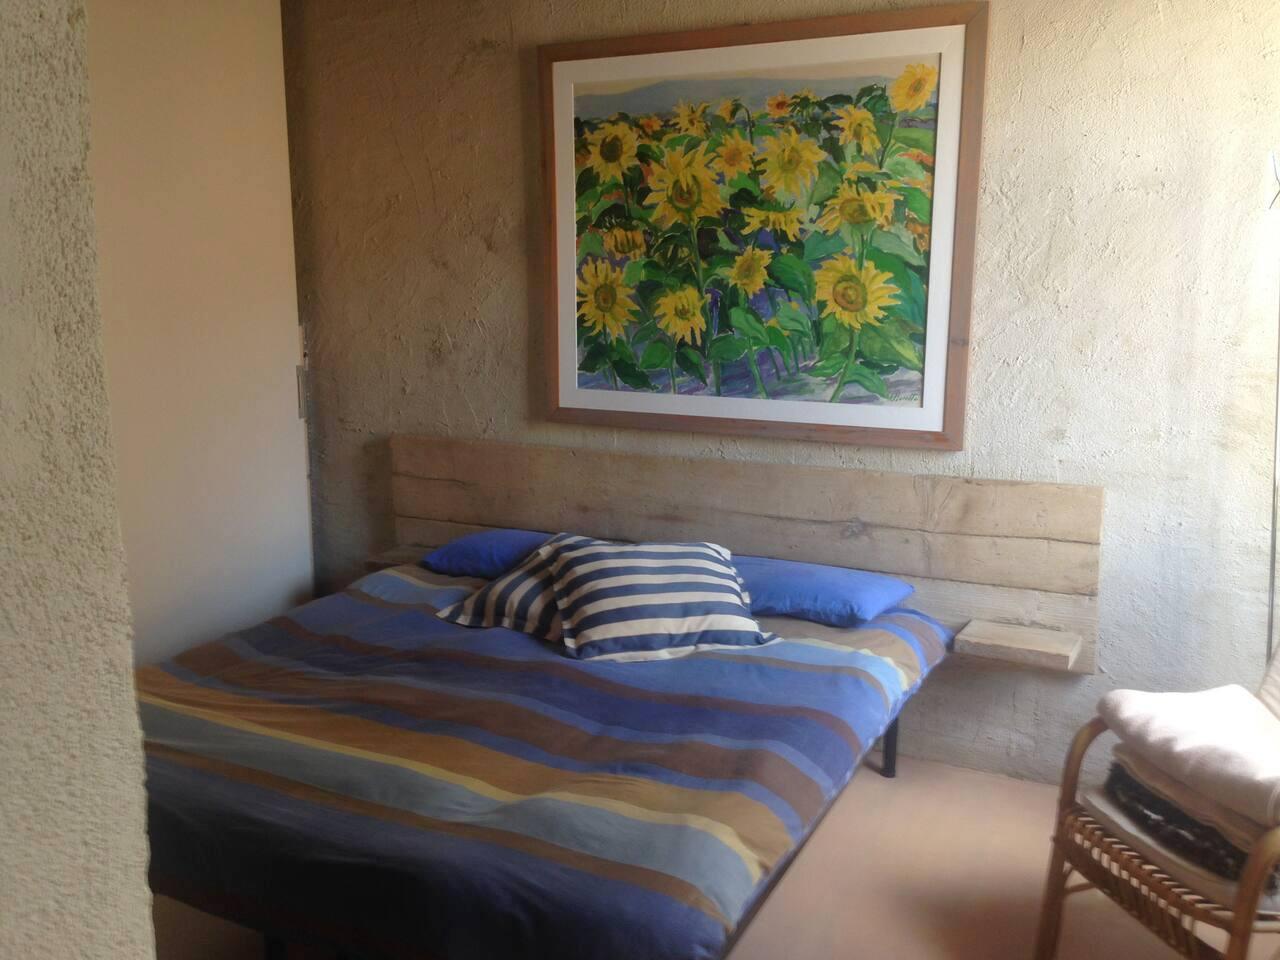 Camera Matrimoniale A Grosseto.Caratteristico Appartamento 3 Vani In Affitto A Grosseto Grosseto